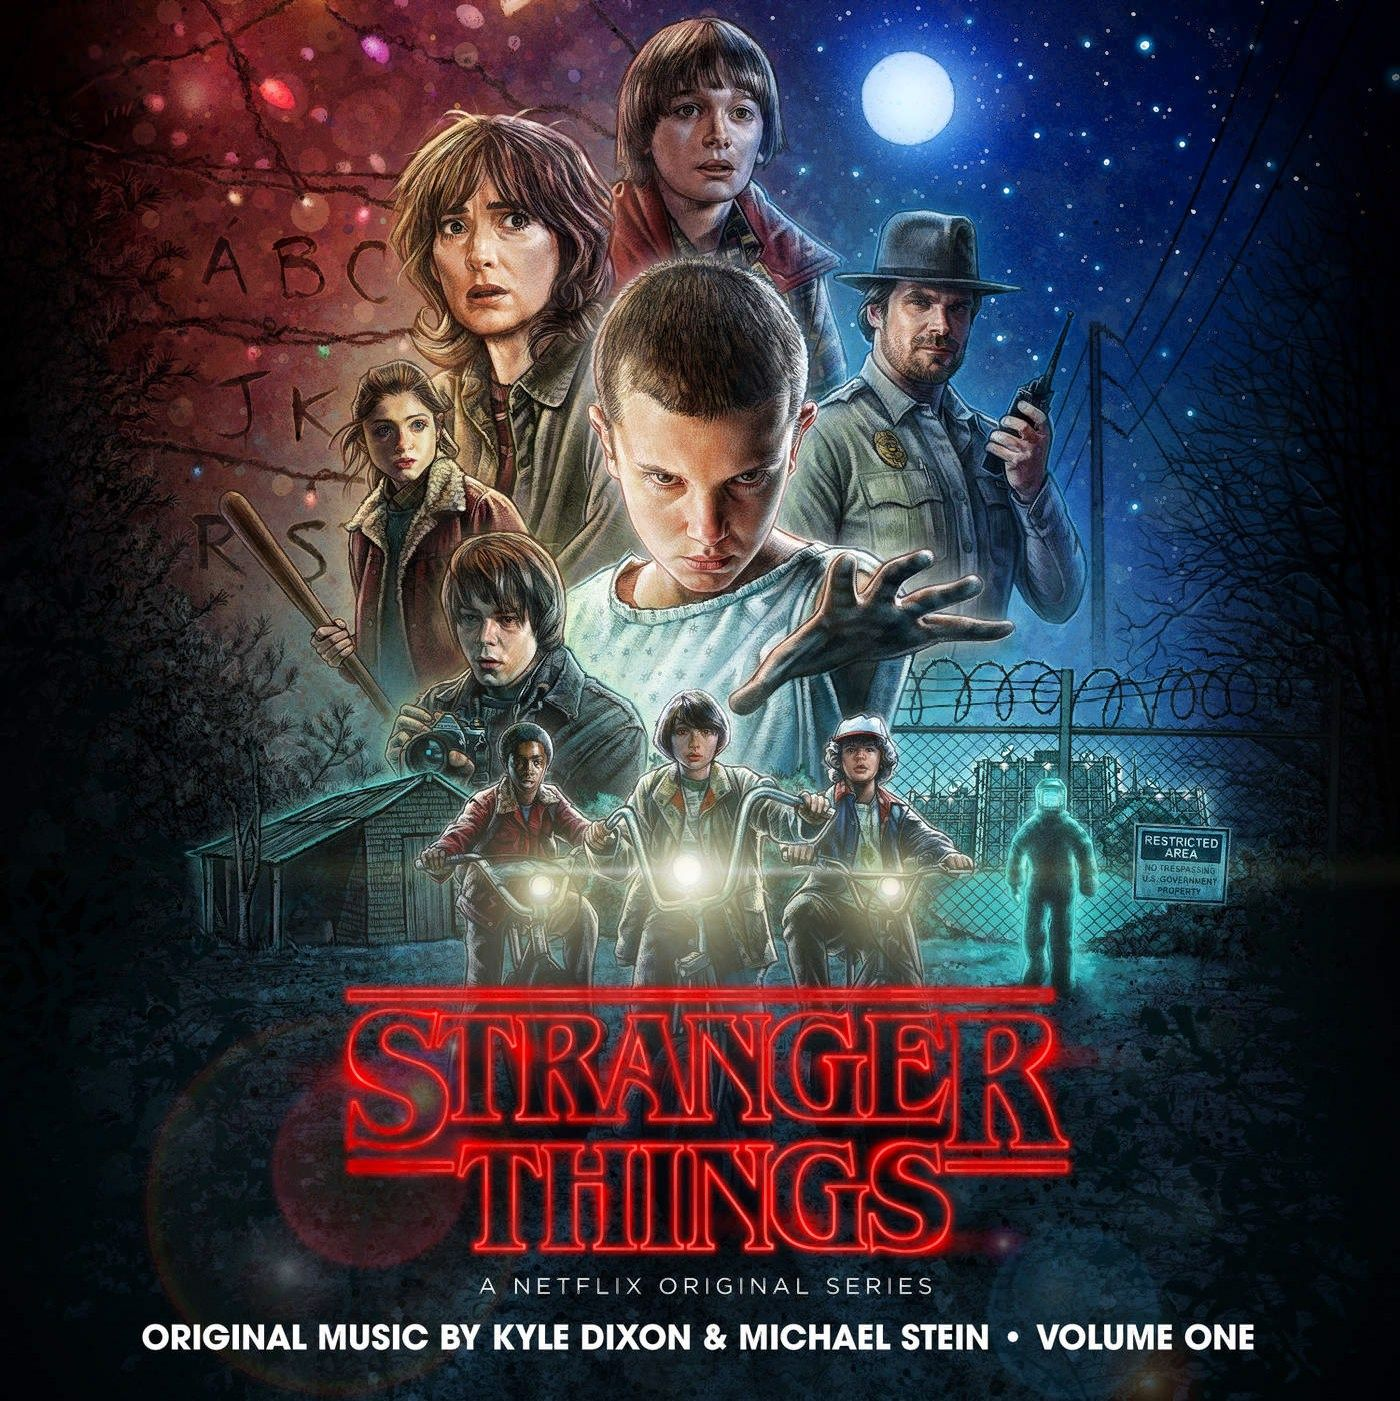 �Stranger Things�: Dar keistesni garsai